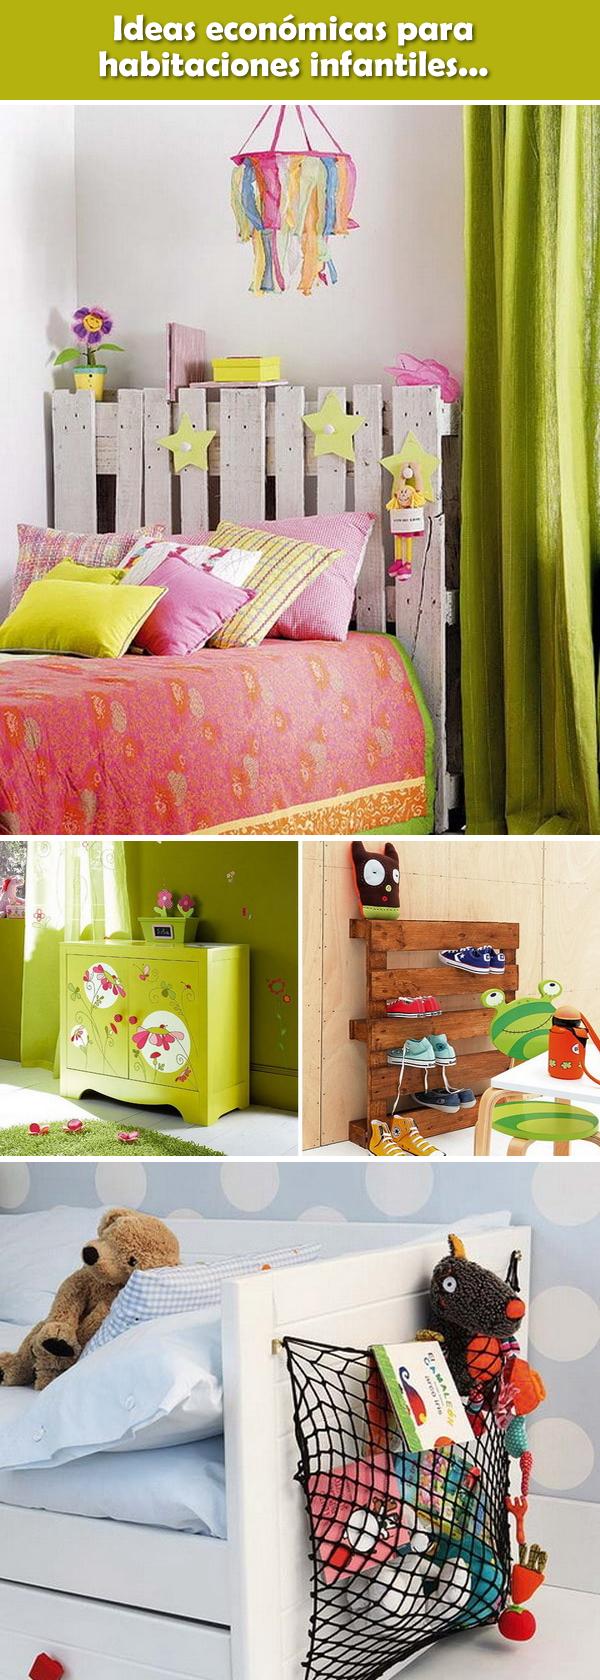 Ideas econ micas para habitaciones infantiles dormitorios infantiles dormitorios infantiles - Decorar habitacion infantil ...